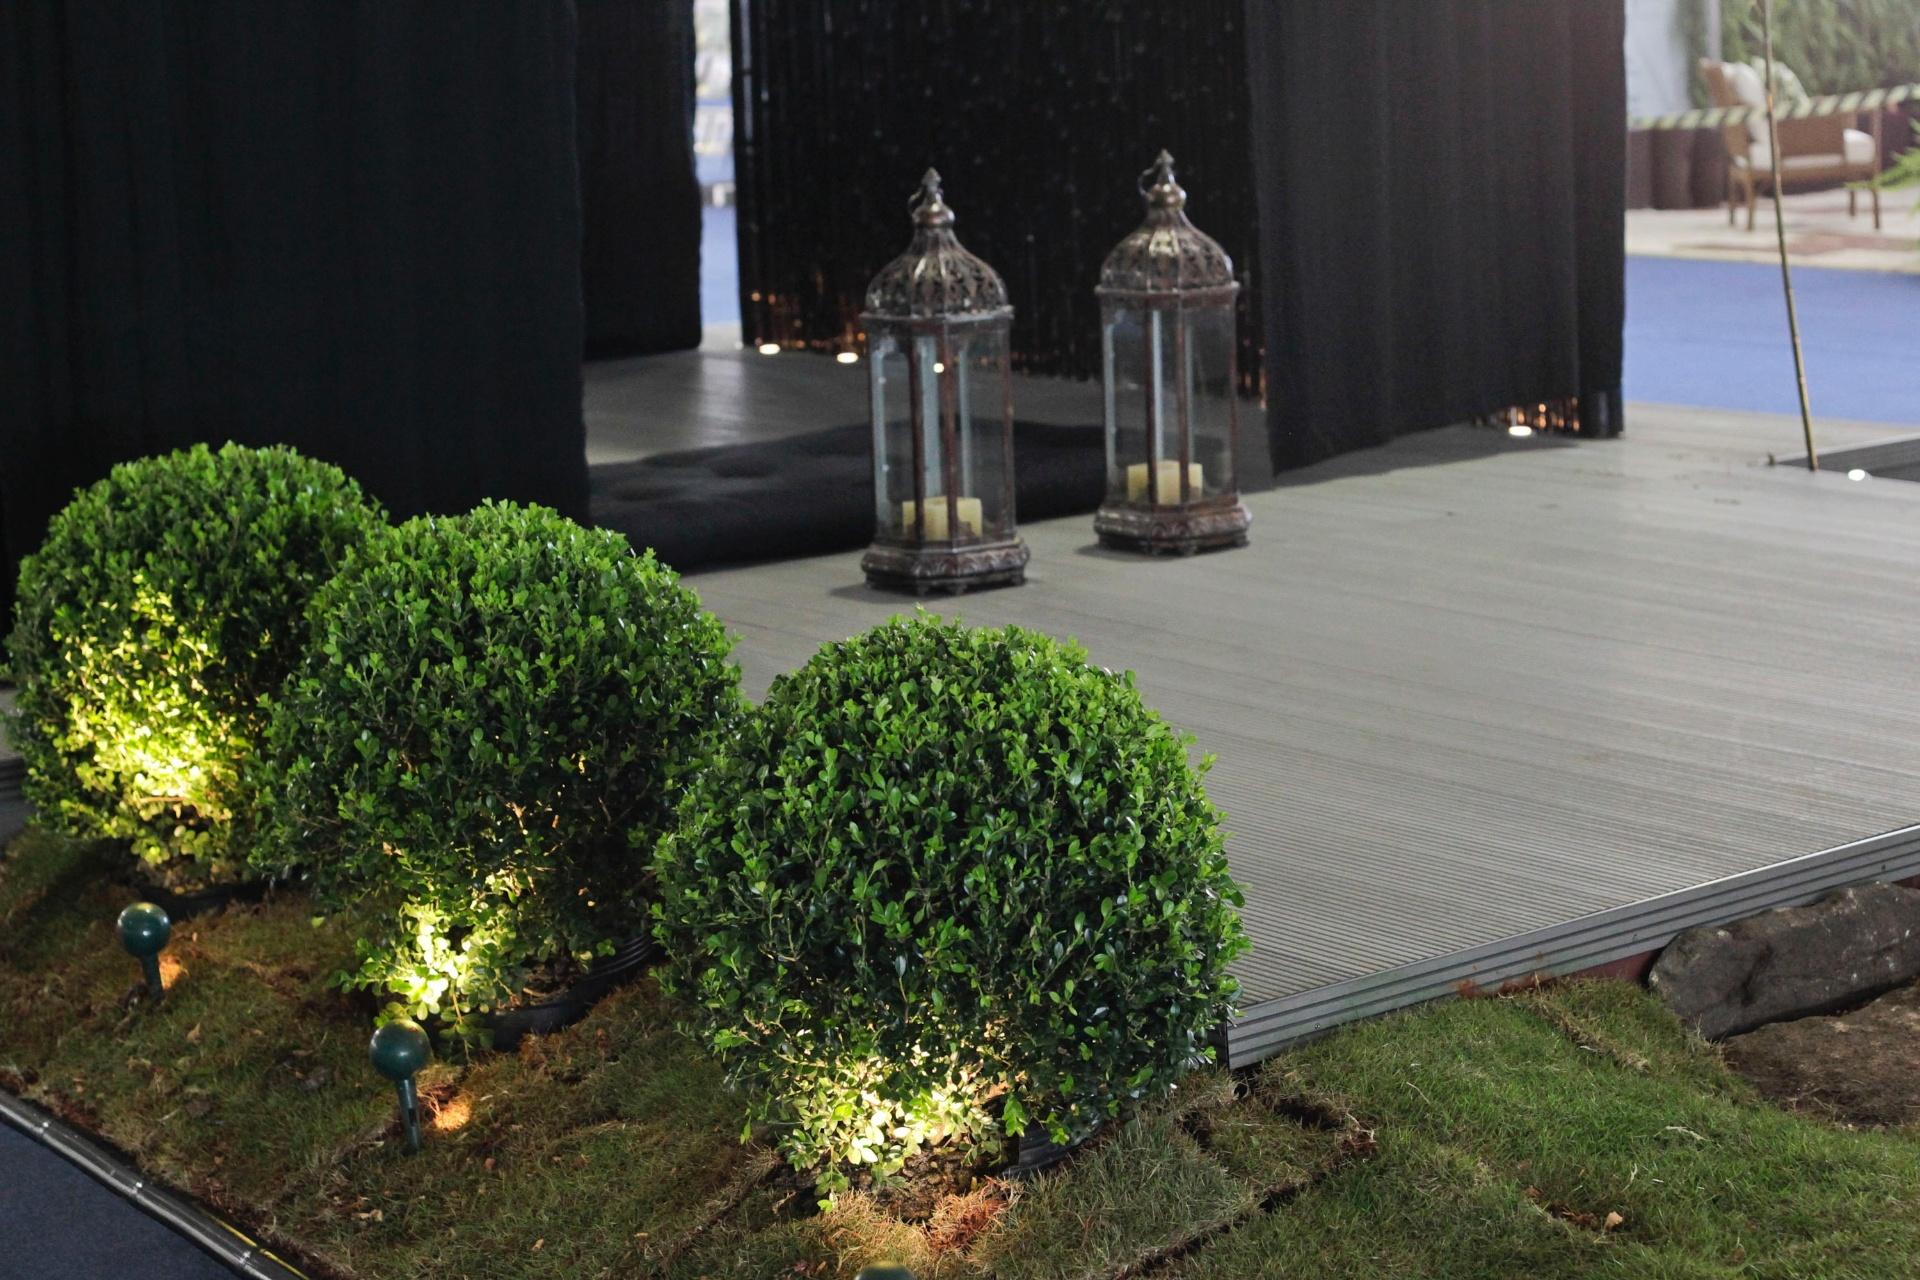 No detalhe, logo na entrada do ambiente assinado pela arquiteta e paisagista Mônica Rio Verde, duas lamparinas a vela dão um toque artesanal ao local. A mostra de paisagismo é um dos destaques da 15ª edição da Fiaflora Expogarden, no Centro de Exposições do Anhembi, em São Paulo